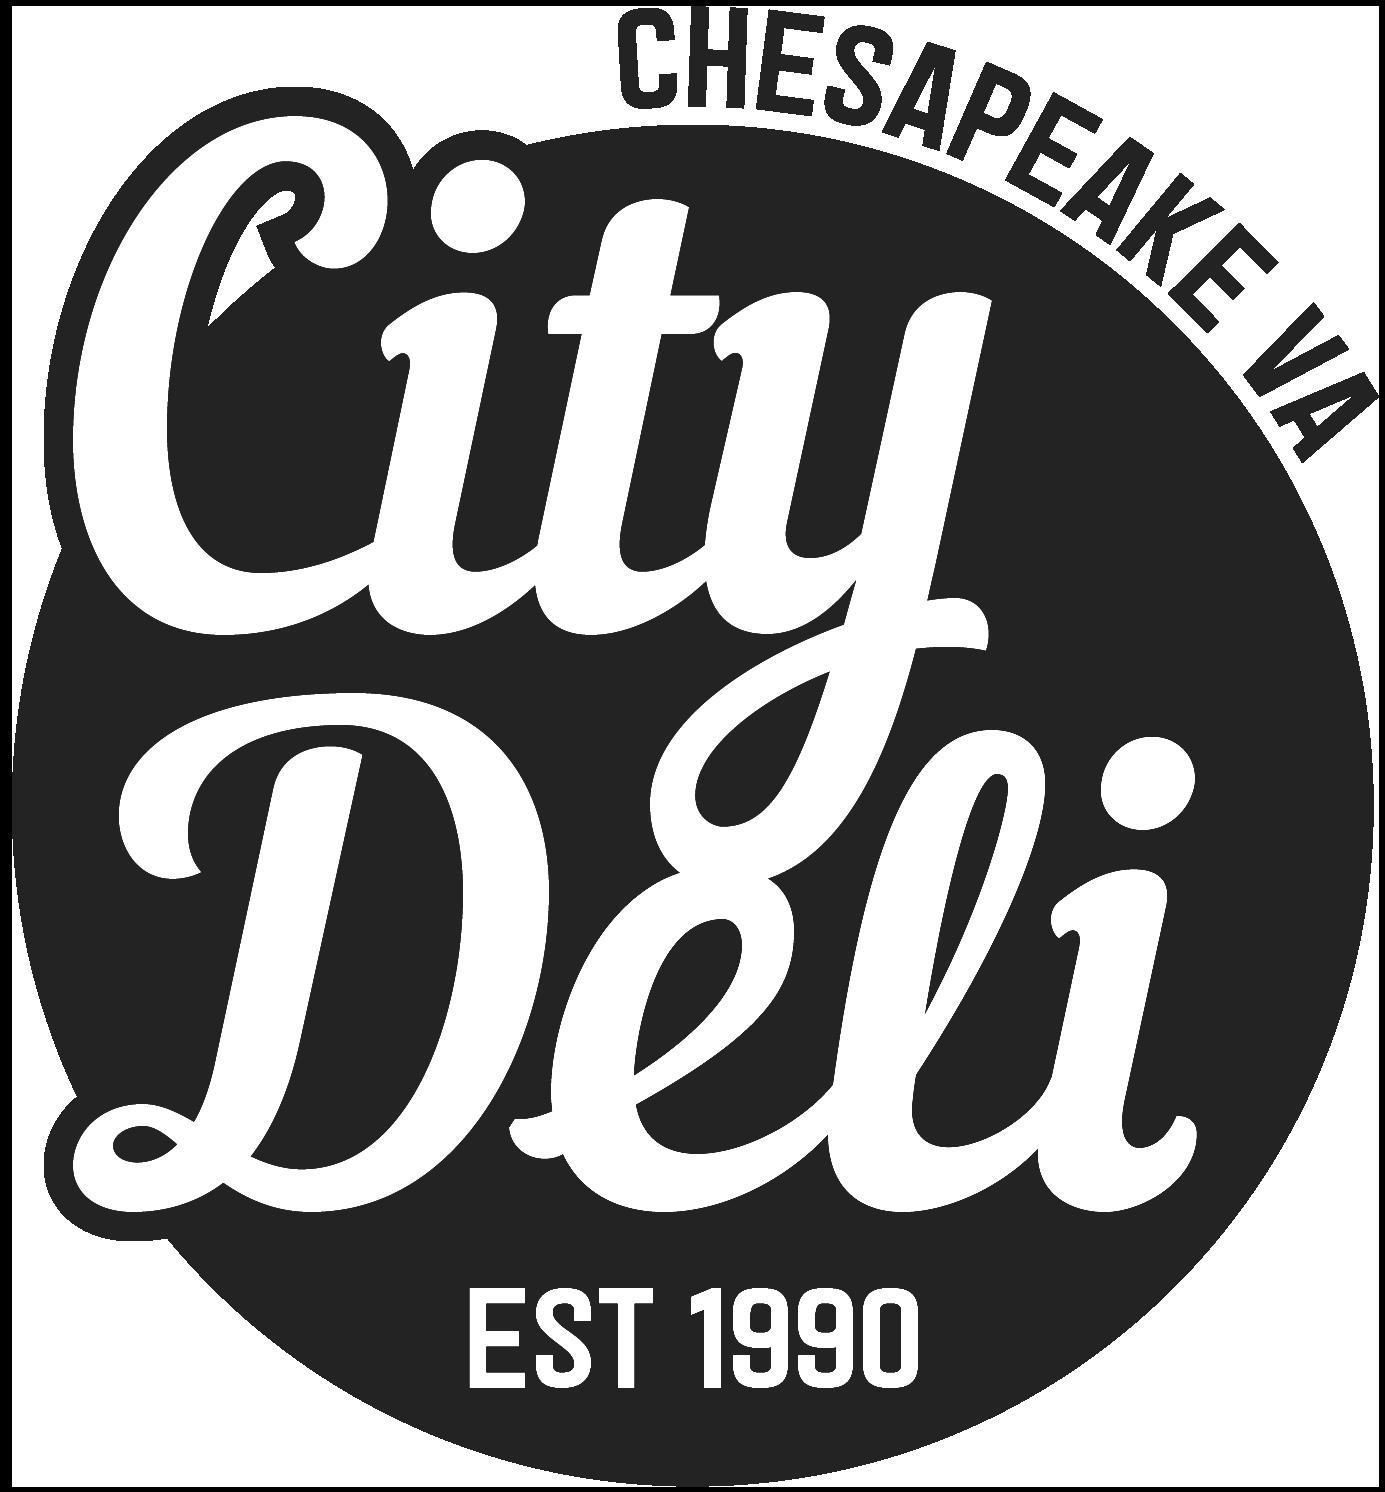 City Deli